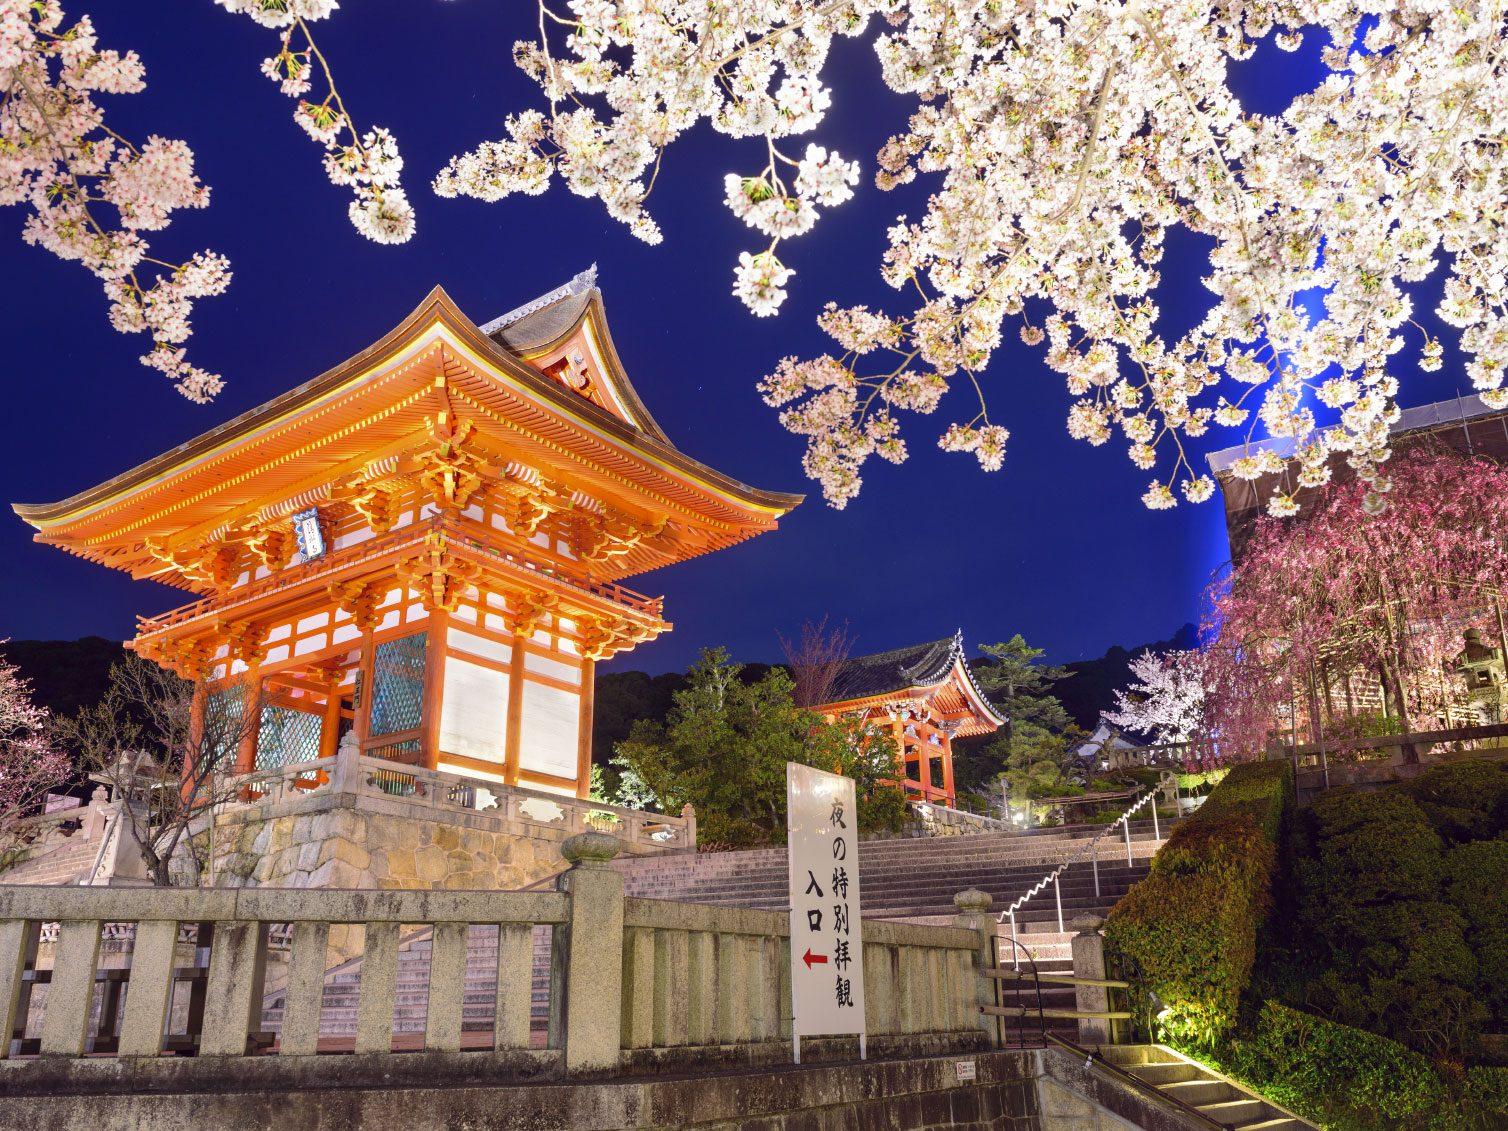 Visiter les temples et lieux de pèlerinage à Kyoto